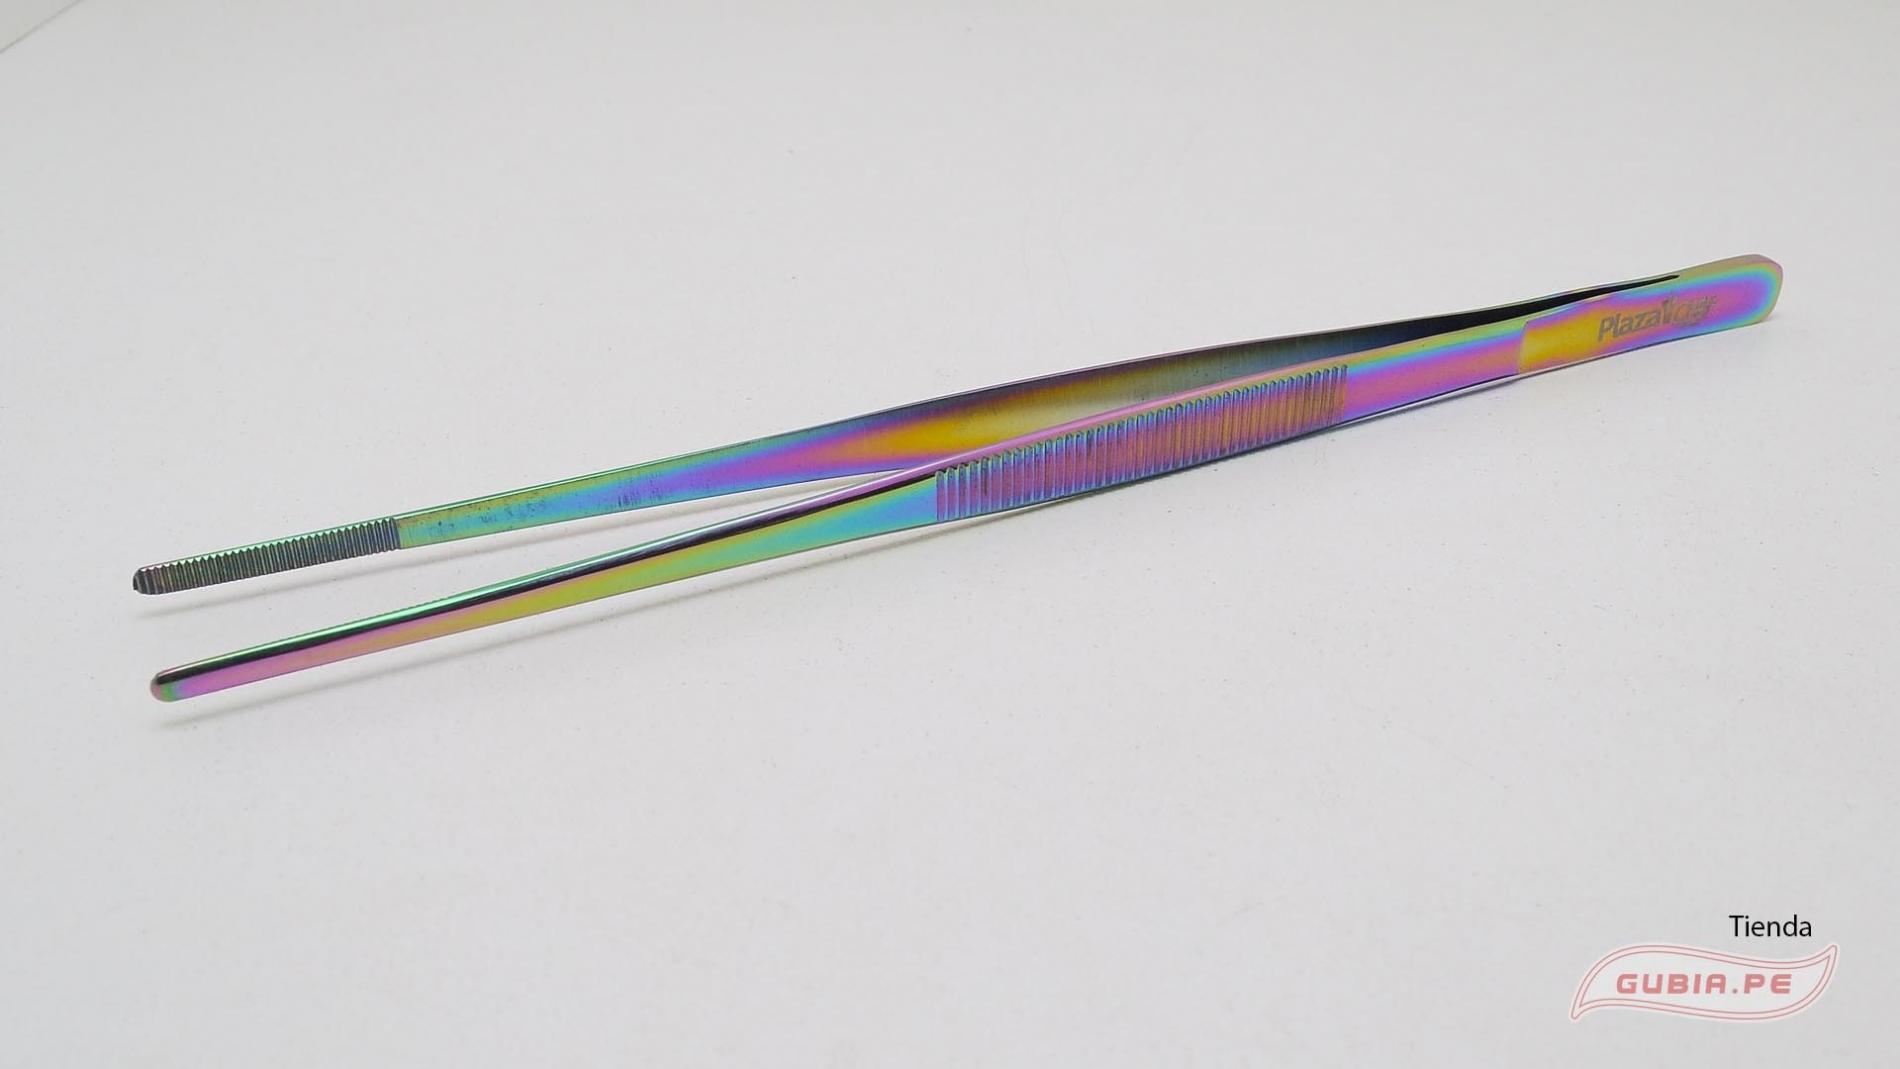 GUB0075-Pinza 20cm de colores recta para emplatado GUB0075-max-5.